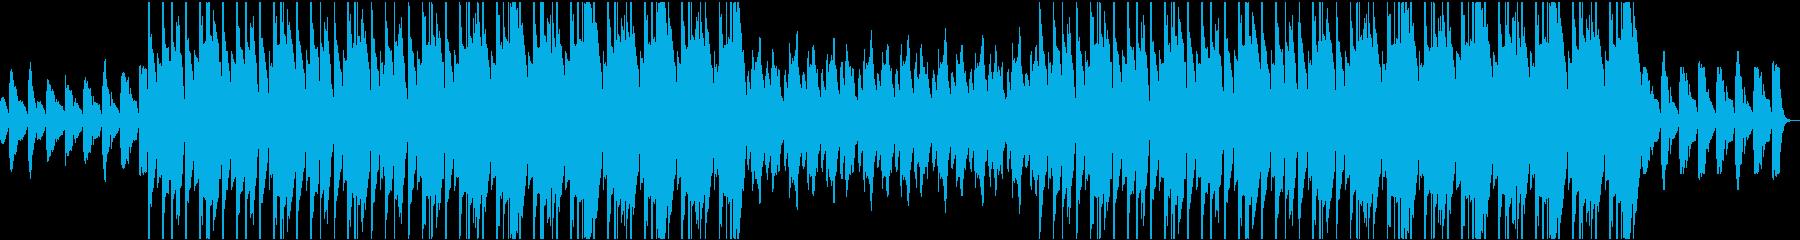 ウェスタンな雰囲気のトラップビートの再生済みの波形